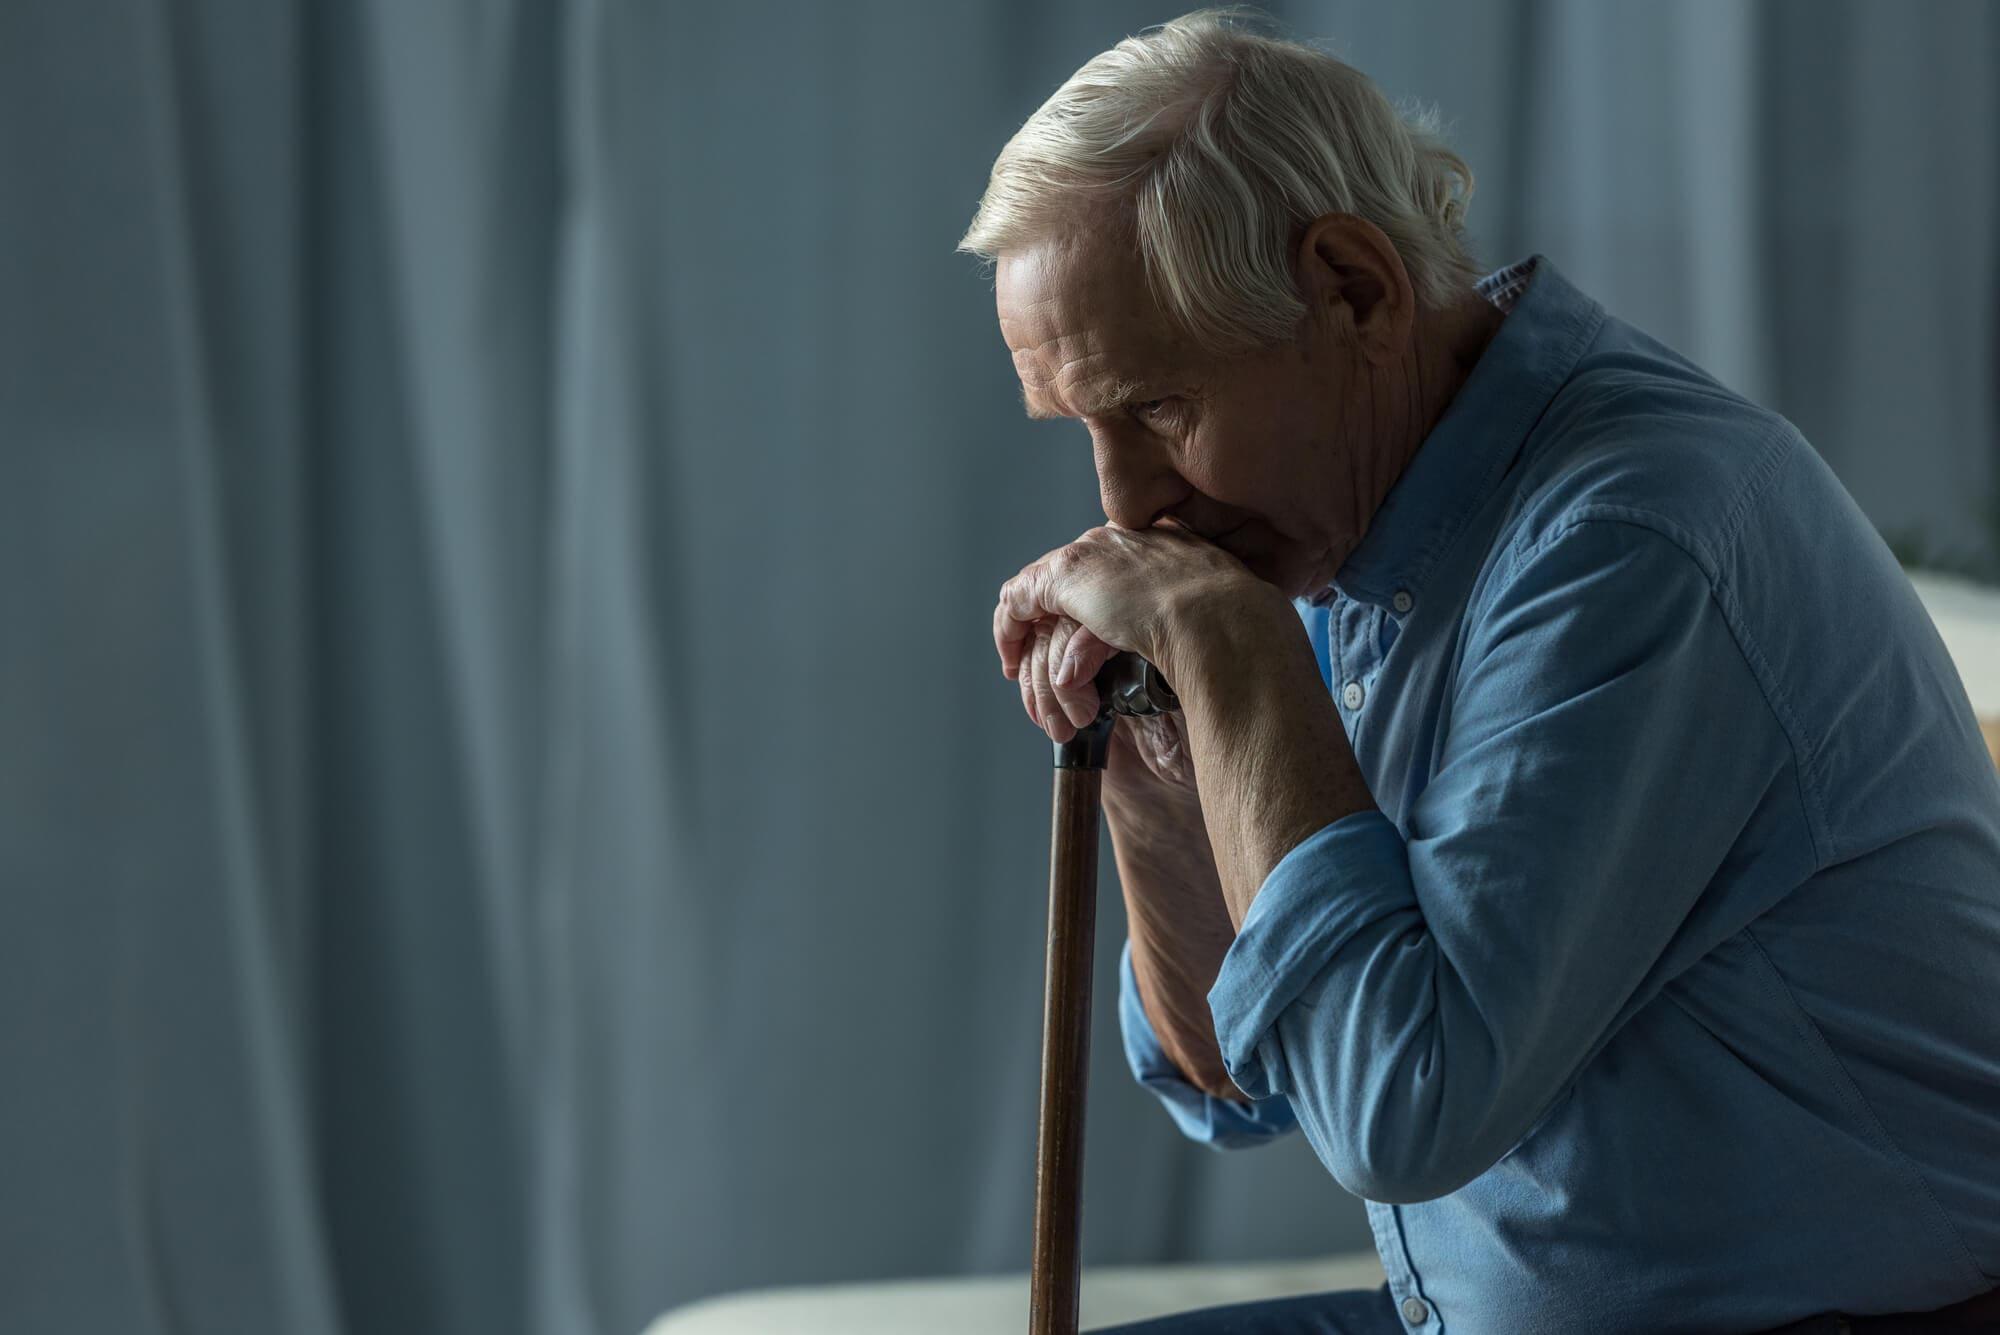 Depressão na terceira idade se manifesta com reclusão e queixas de dores físicas